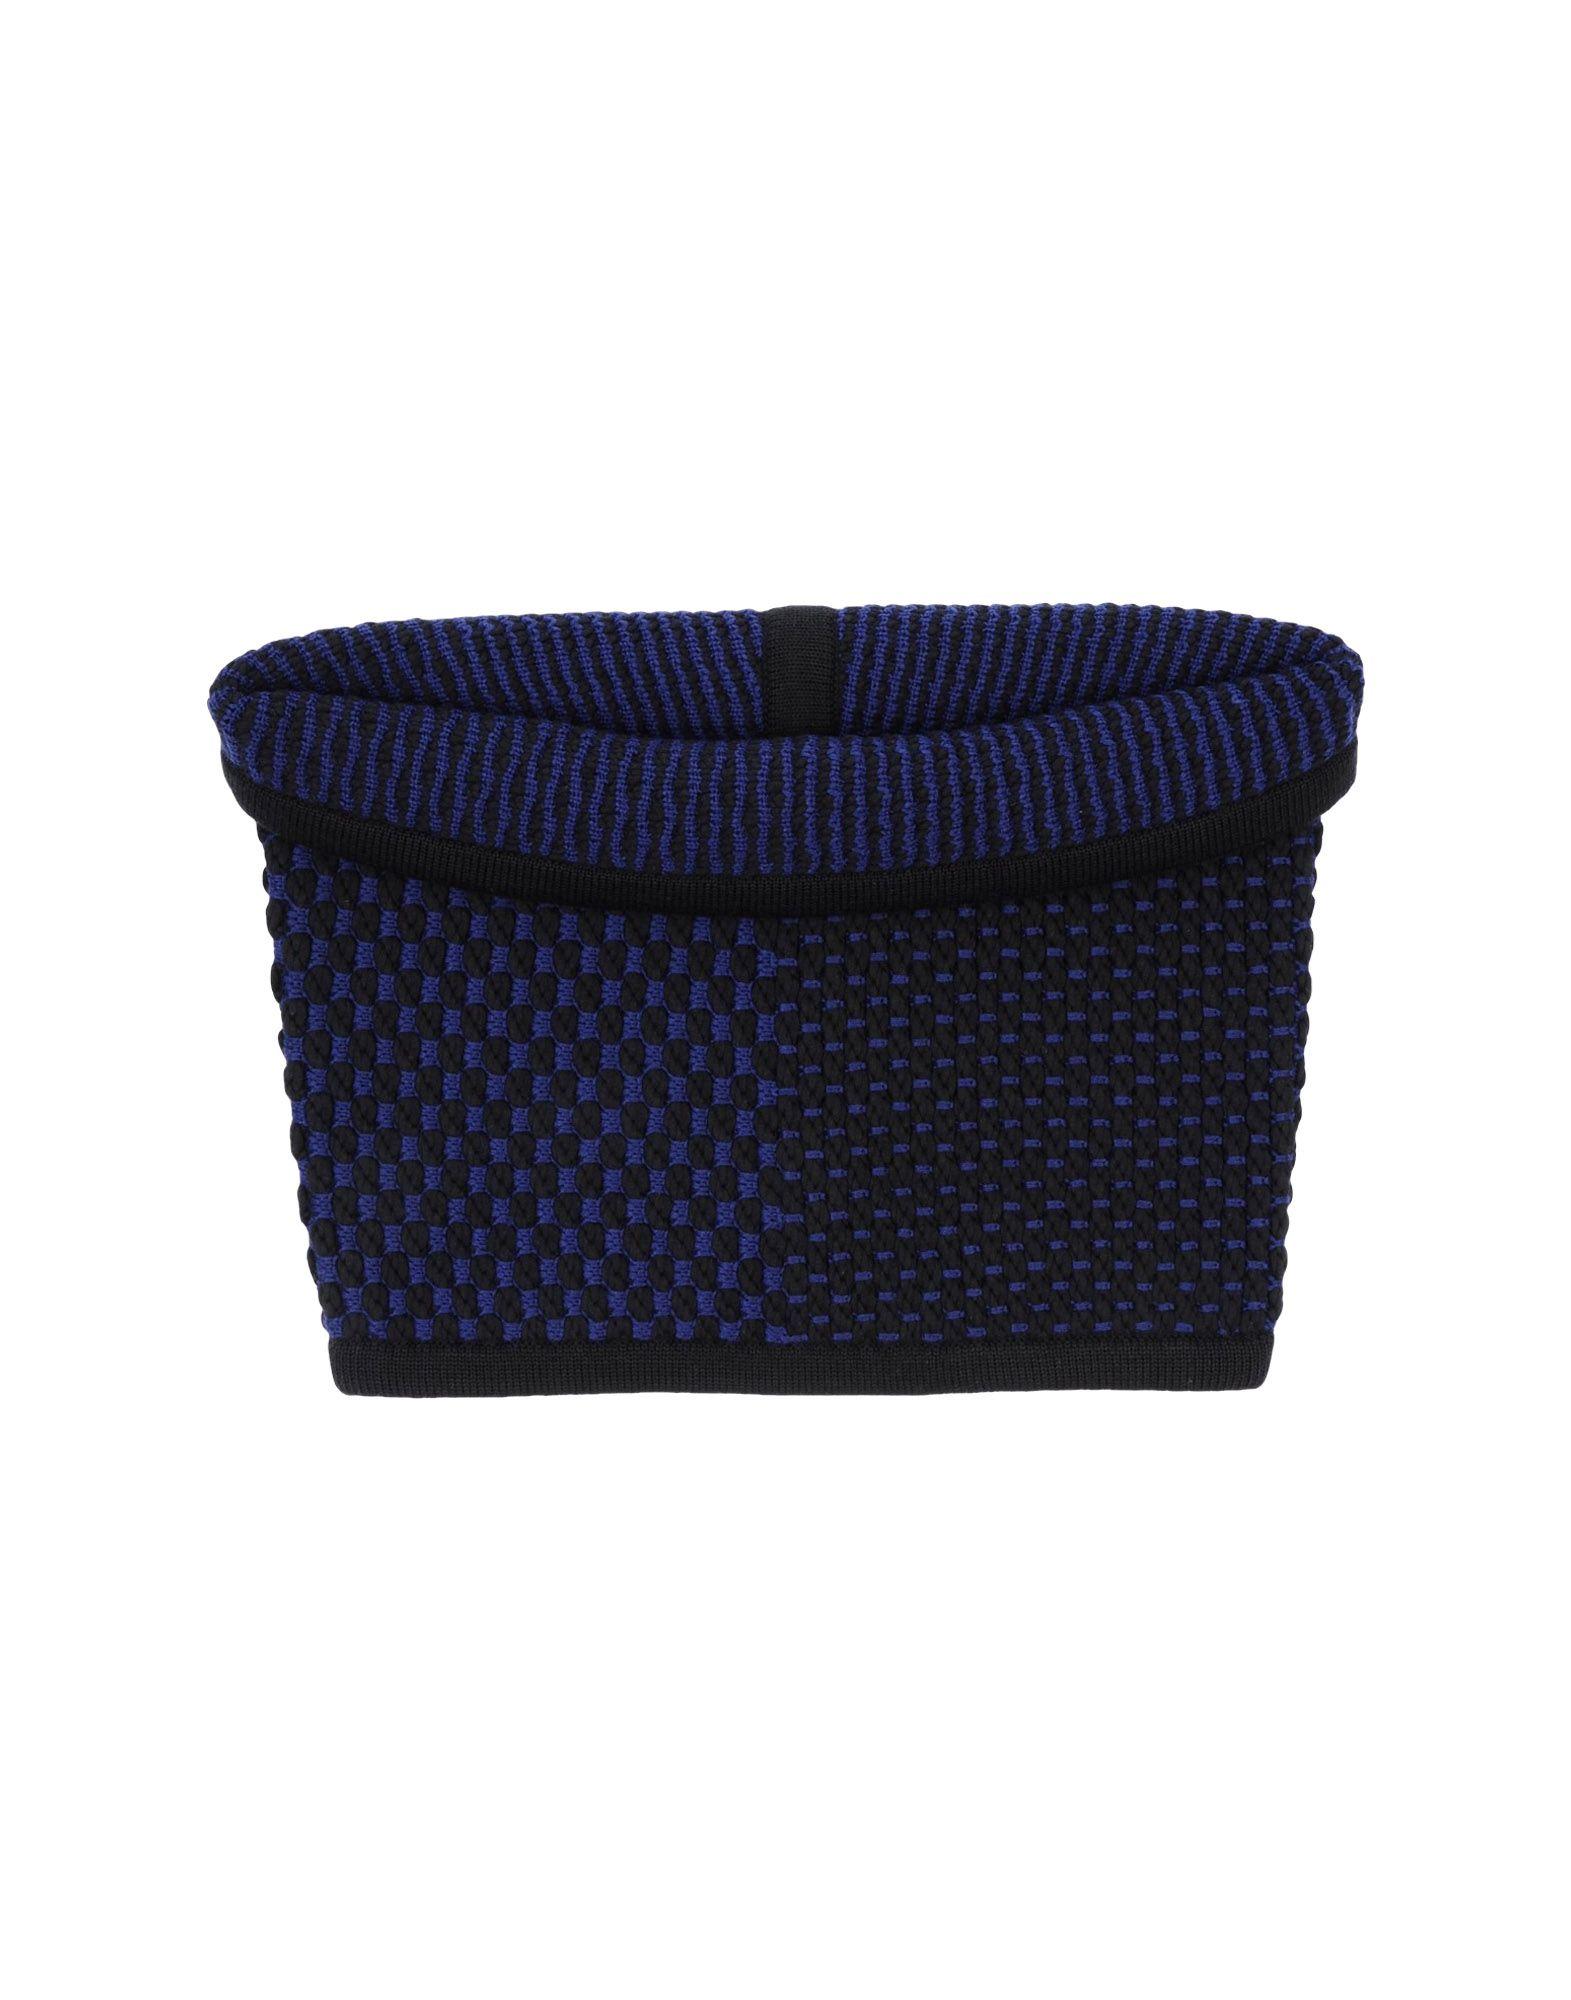 OHNE TITEL Scarves in Dark Blue